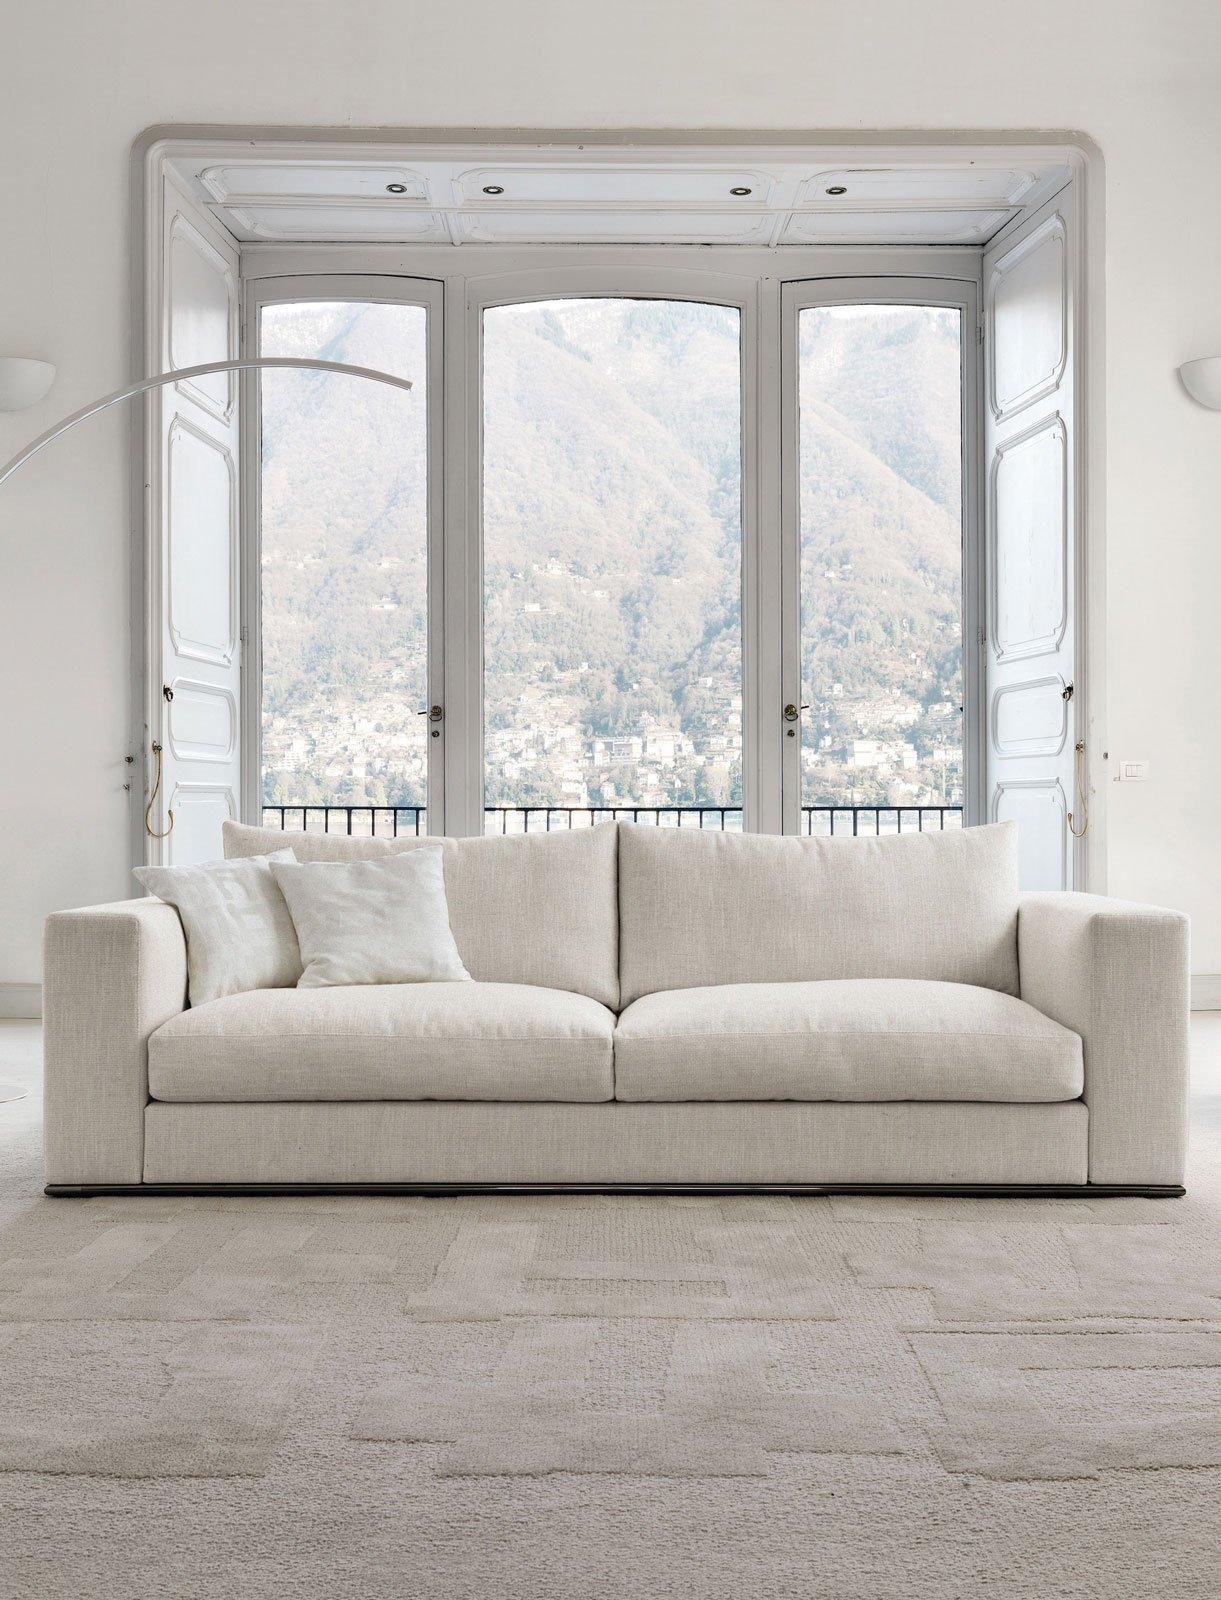 Divani piccoli a due o tre posti design per il relax for Offerte divani tre posti